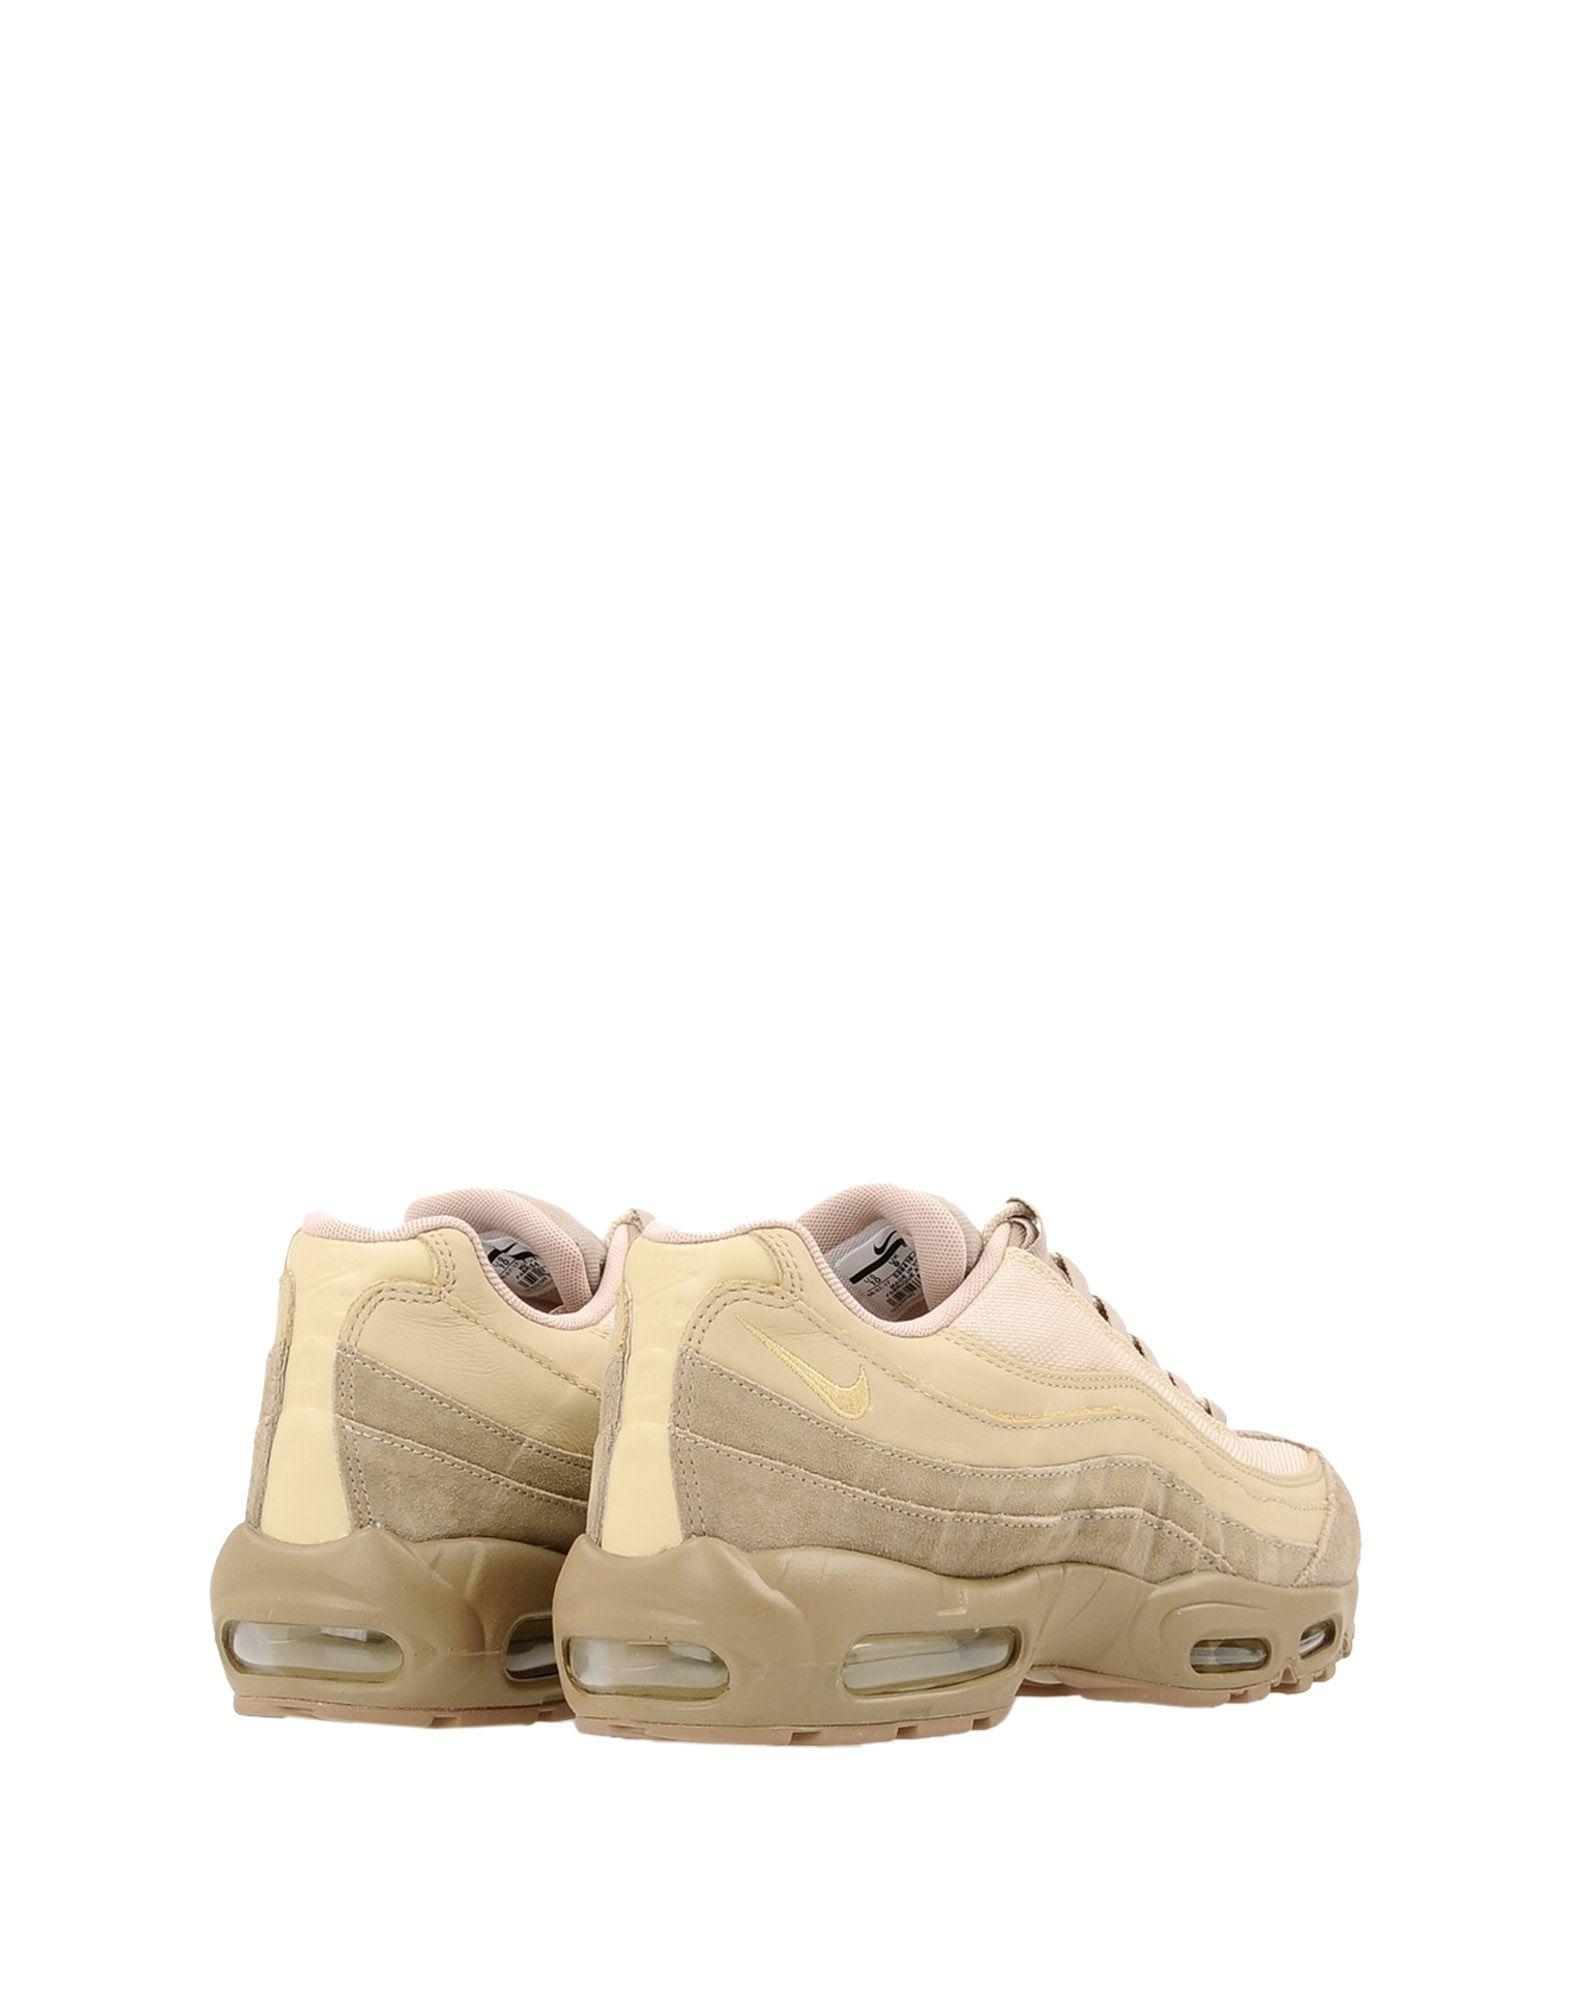 Sneakers Nike Nike Air Max 95 Prm - Homme - Sneakers Nike sur